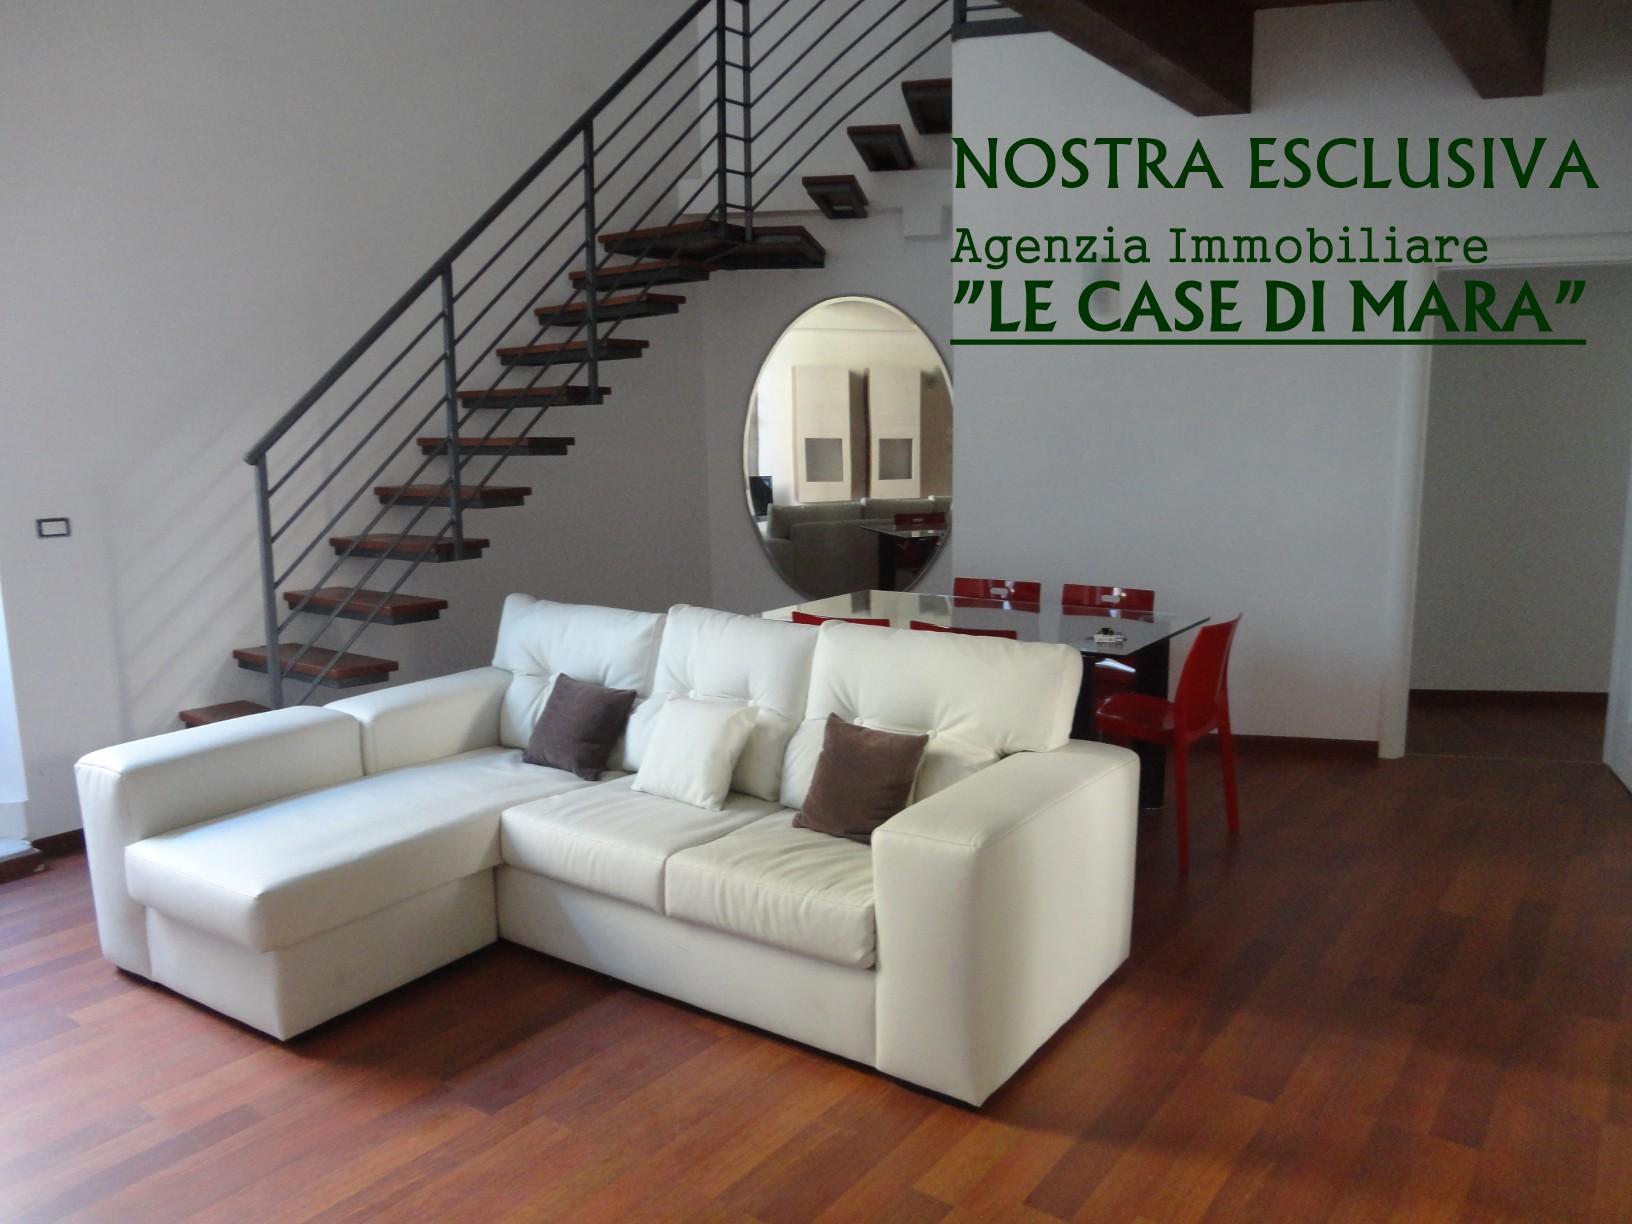 Appartamento in vendita a Ascoli Piceno, 6 locali, zona Località: CentroStorico, prezzo € 300.000 | CambioCasa.it